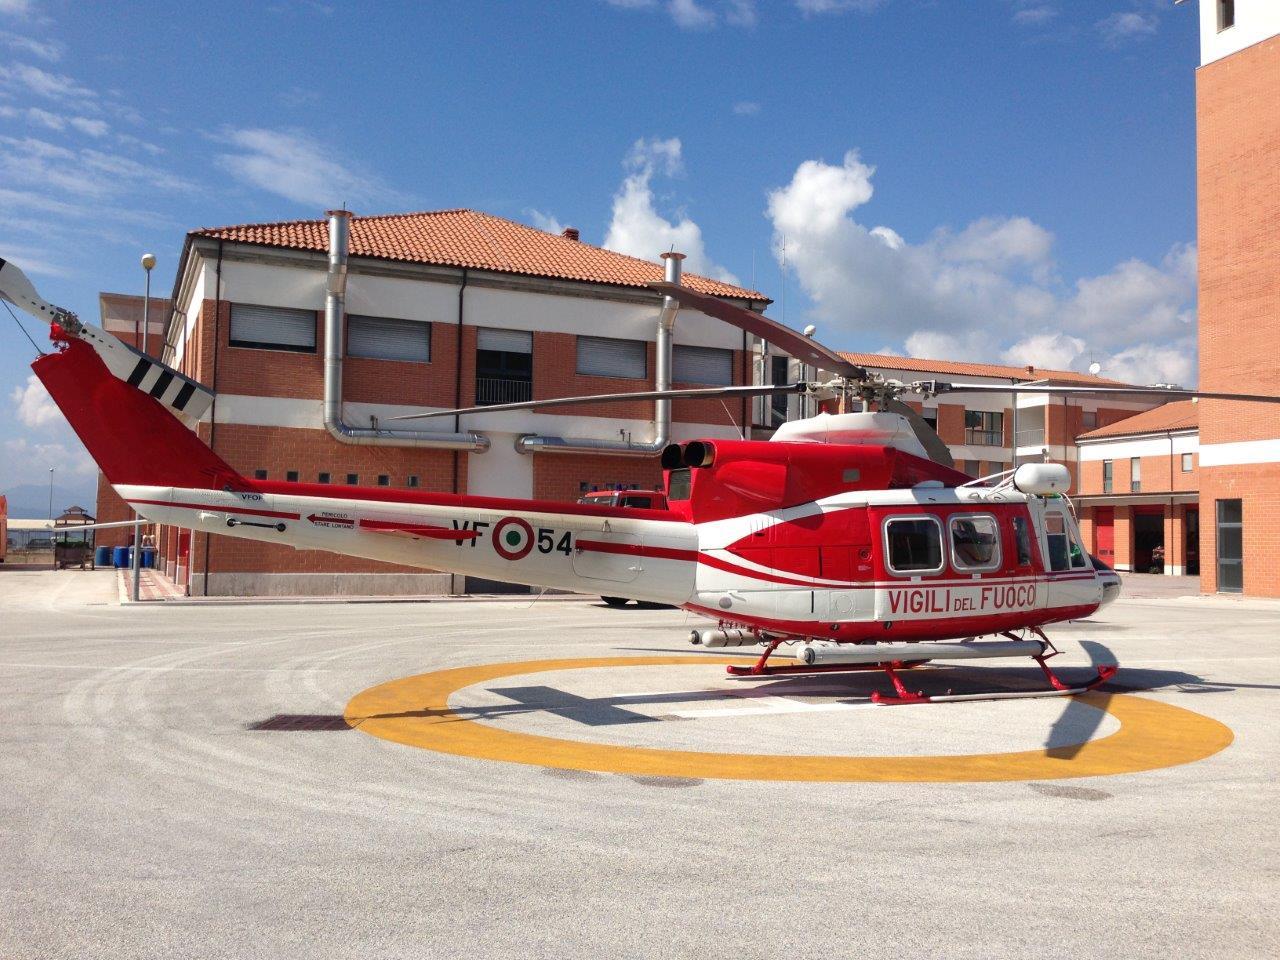 L Elicottero Arra Pdf : Fiamme a santa lucia in azione l elicottero dei vigili